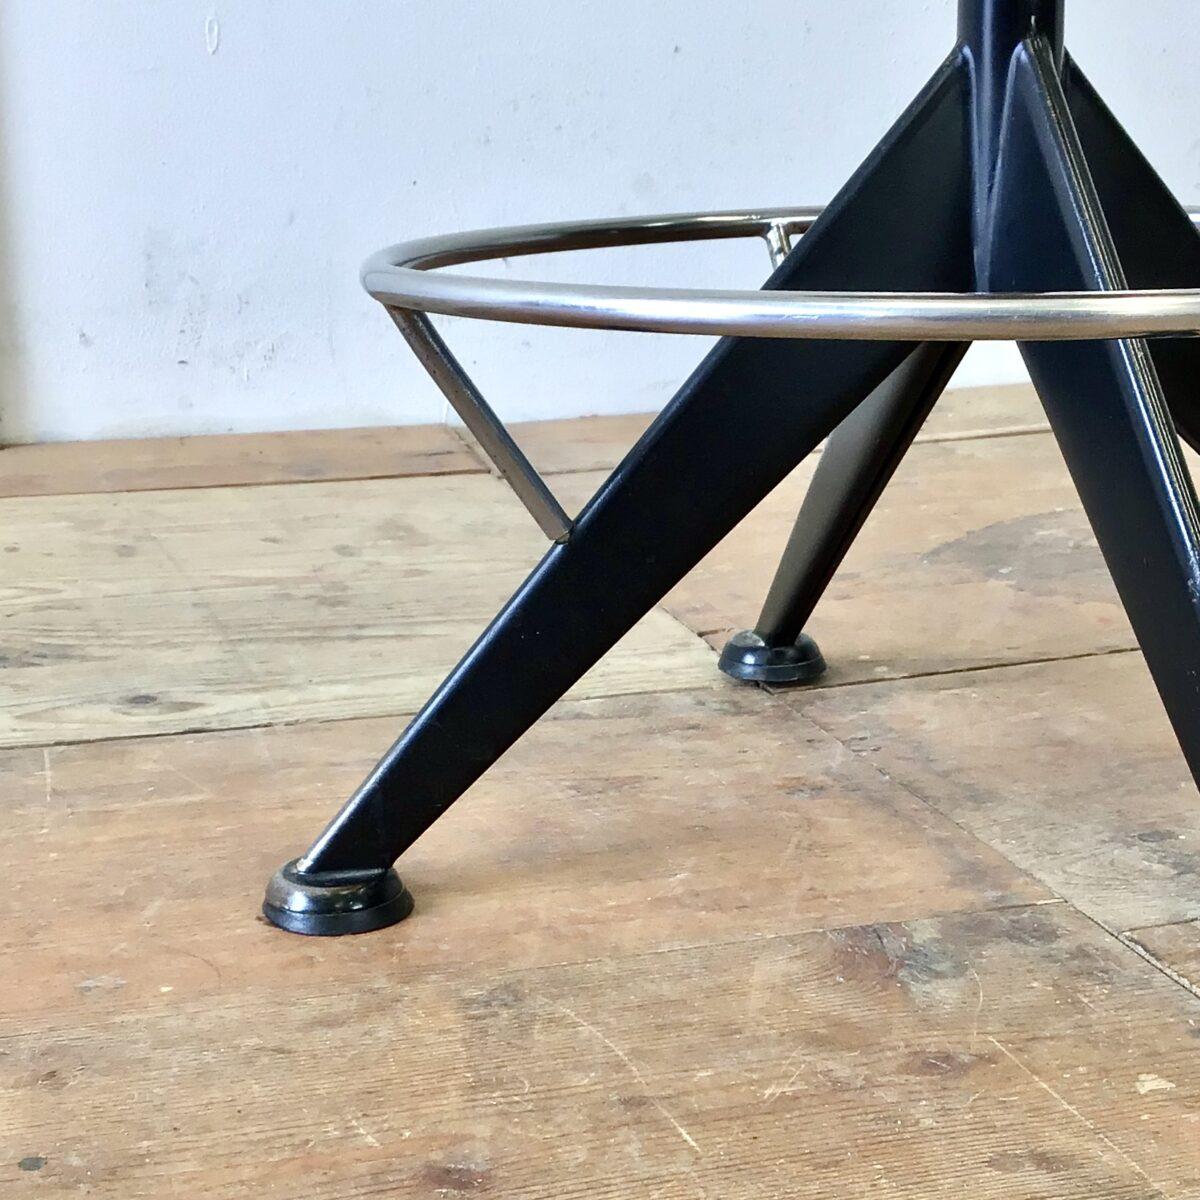 Vintage Barhocker höhenverstellbar von 55.5cm bis 73cm. Durchmesser der Sitzfläche 36.5cm. Dieser Drehstuhl kam ohne brauchbare Sitzfläche und Lehne zu uns. Wir haben, in aufwändiger Handarbeit, eine neue Lehne und Sitzfläche geschnitzt. Aus Nussbaum Vollholz, die Holzoberfläche ist mit Naturöl behandelt. Der Metall Unterbau ist schwarz lackiert und erinnert bisschen an Jean Prouvé von der formensprache. Die Optisch fast schwebende Fussstütze ist verchromt.